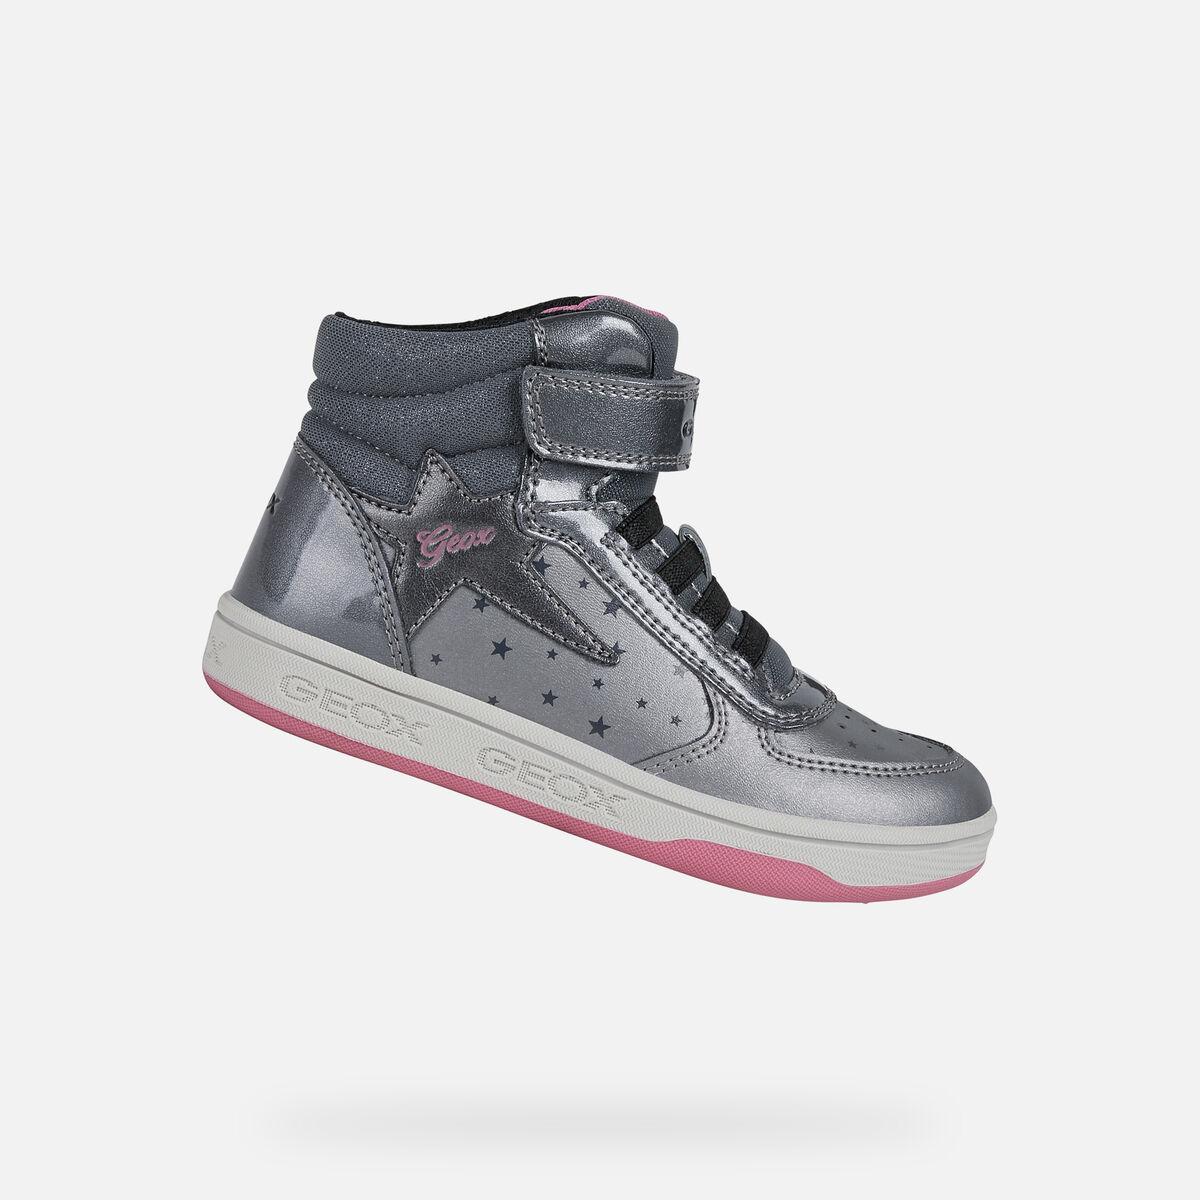 GEOX dětské kotníkové boty MALTIN šedé - J1600A